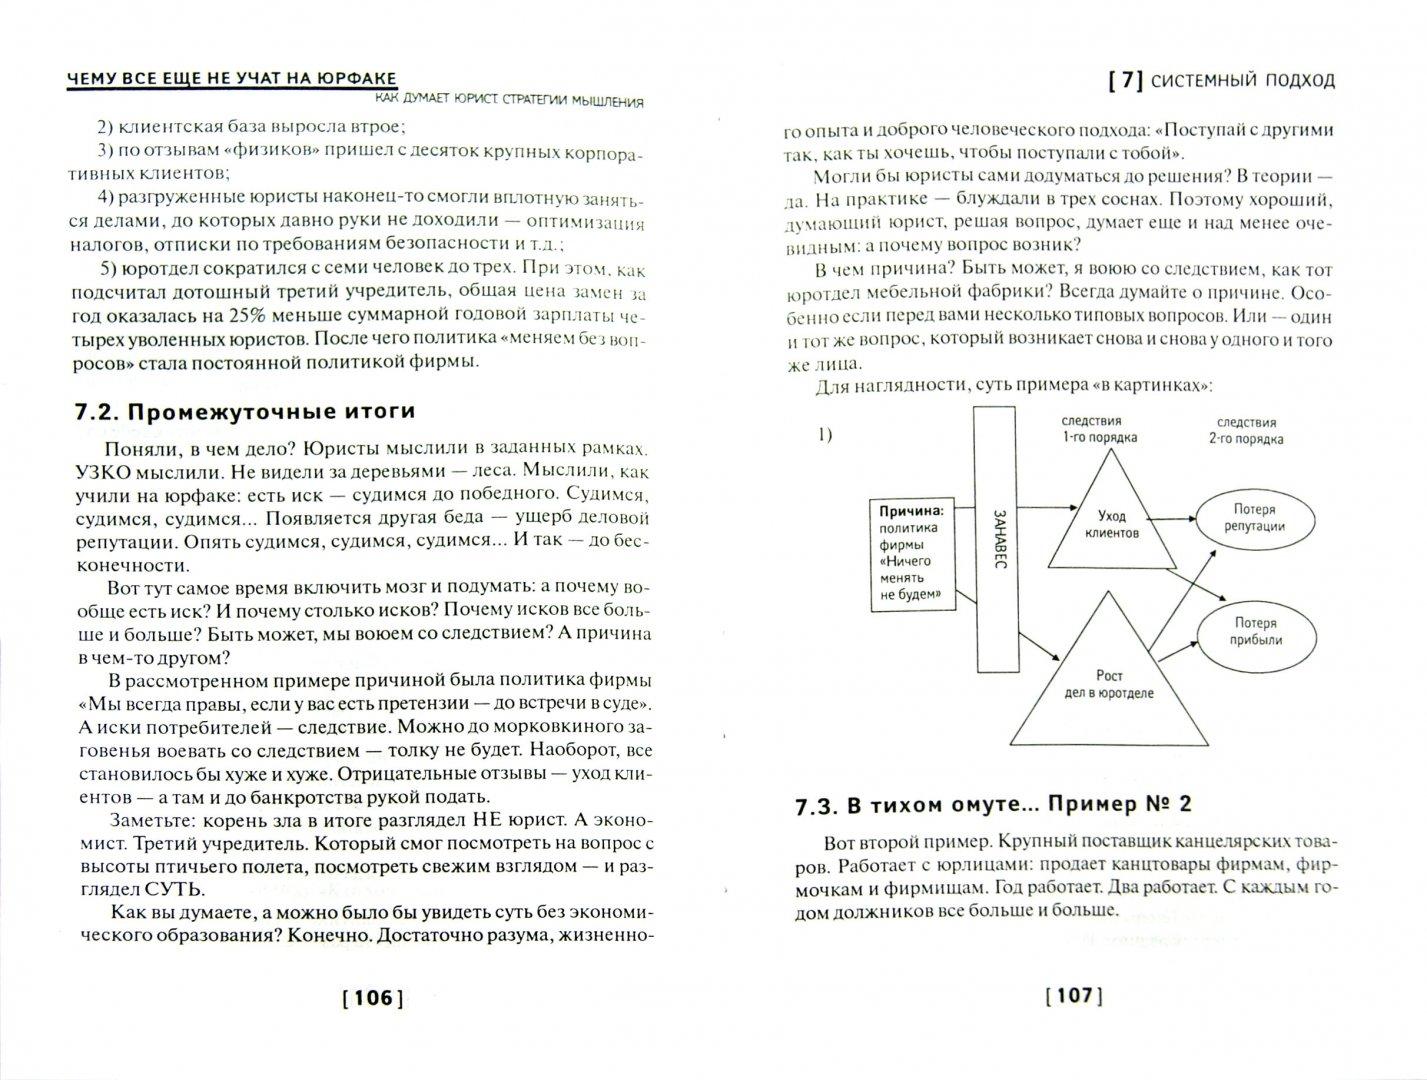 Иллюстрация 1 из 4 для Чему все еще не учат на юрфаке. Как думает юрист. Стратегия мышления - Вячеслав Оробинский   Лабиринт - книги. Источник: Лабиринт